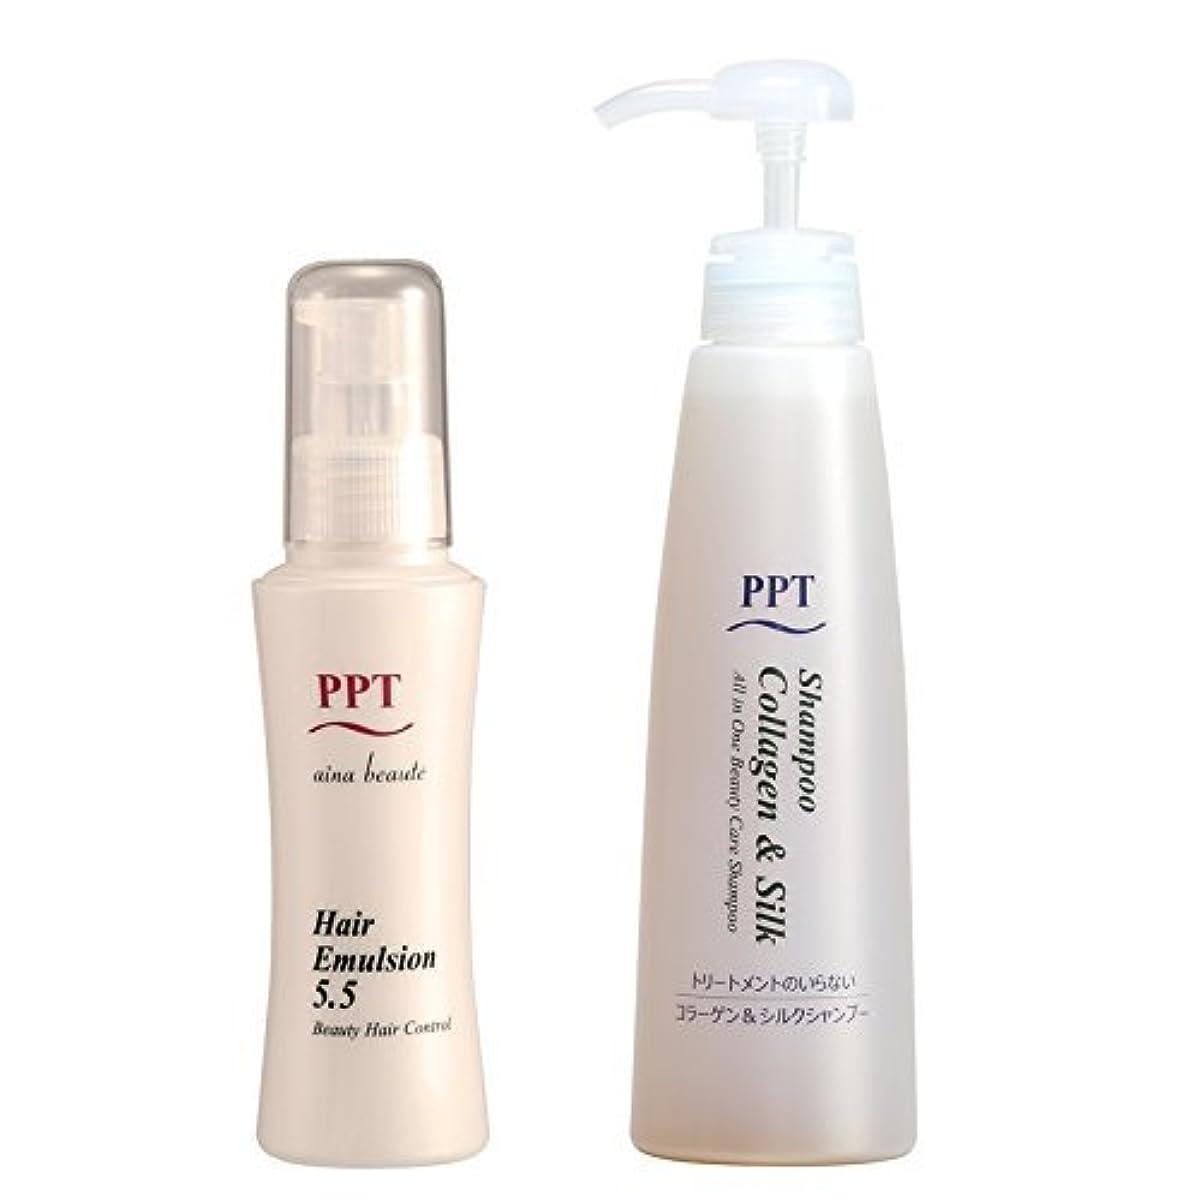 黒もつれ無能トリートメント不要 PPTコラーゲン&シルクシャンプー脂性肌~普通肌用(ふんわり)、PPTヘアエマルジョン5.5セット